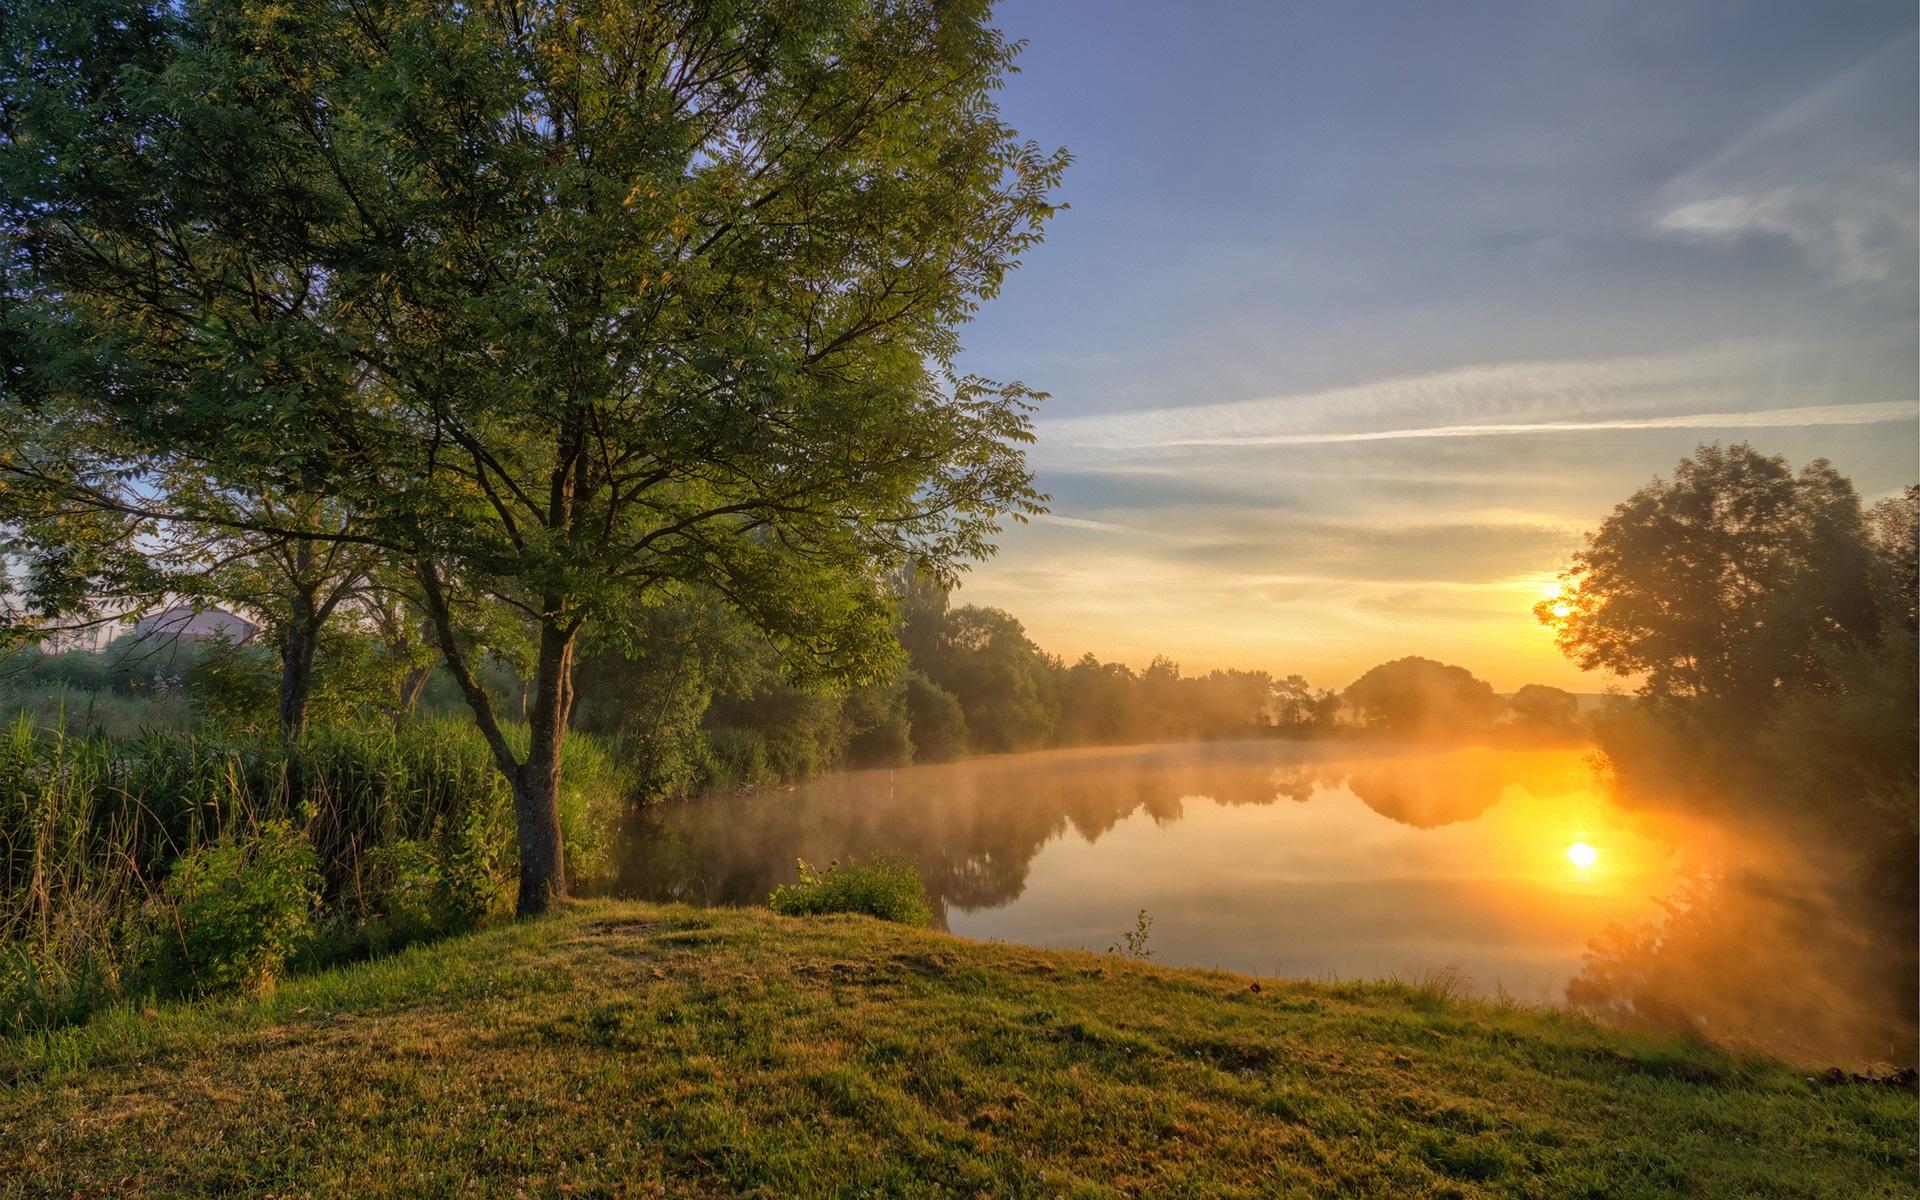 красивые картинки лето солнце река они появляются